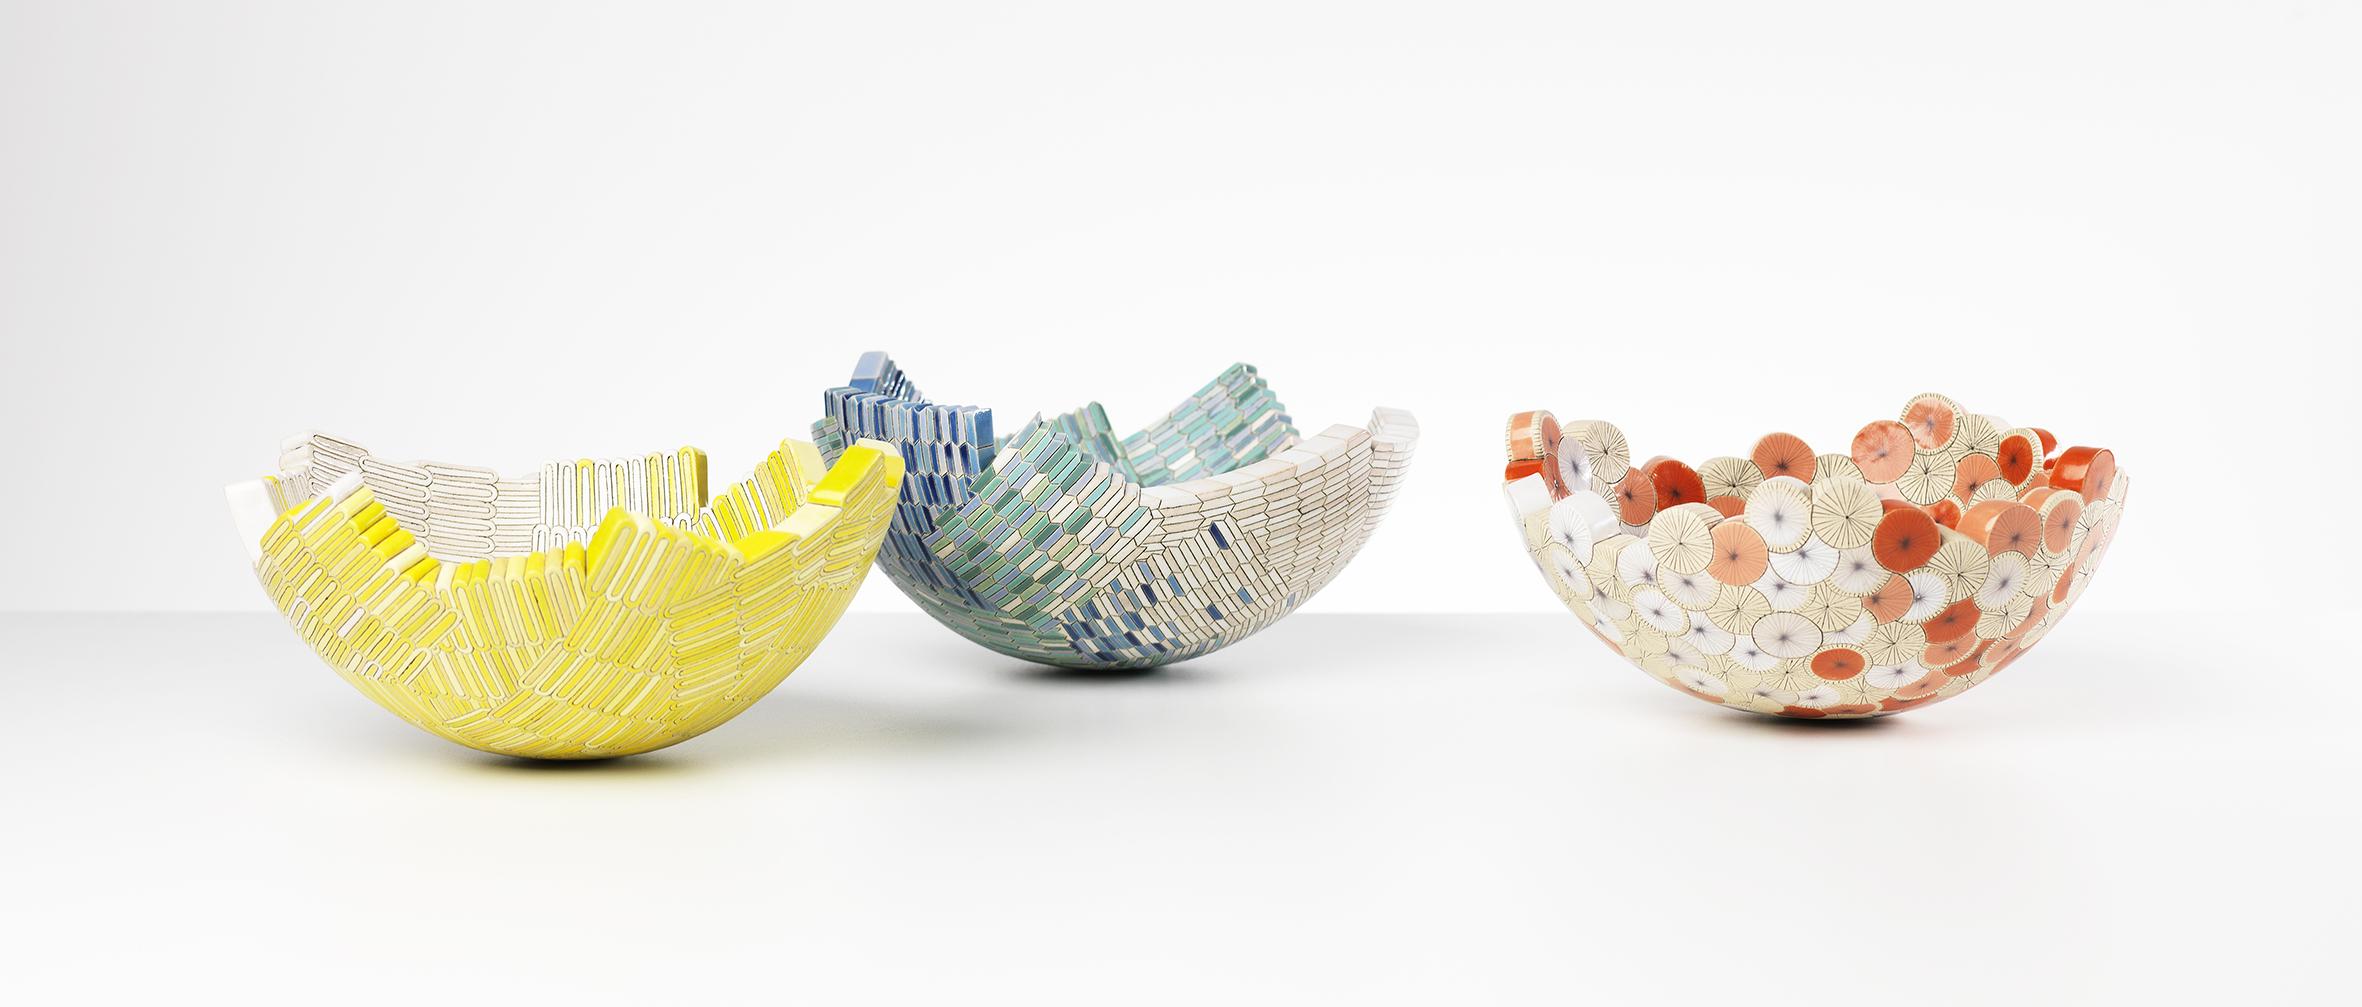 Lozenge, Tile & Rosette bowls